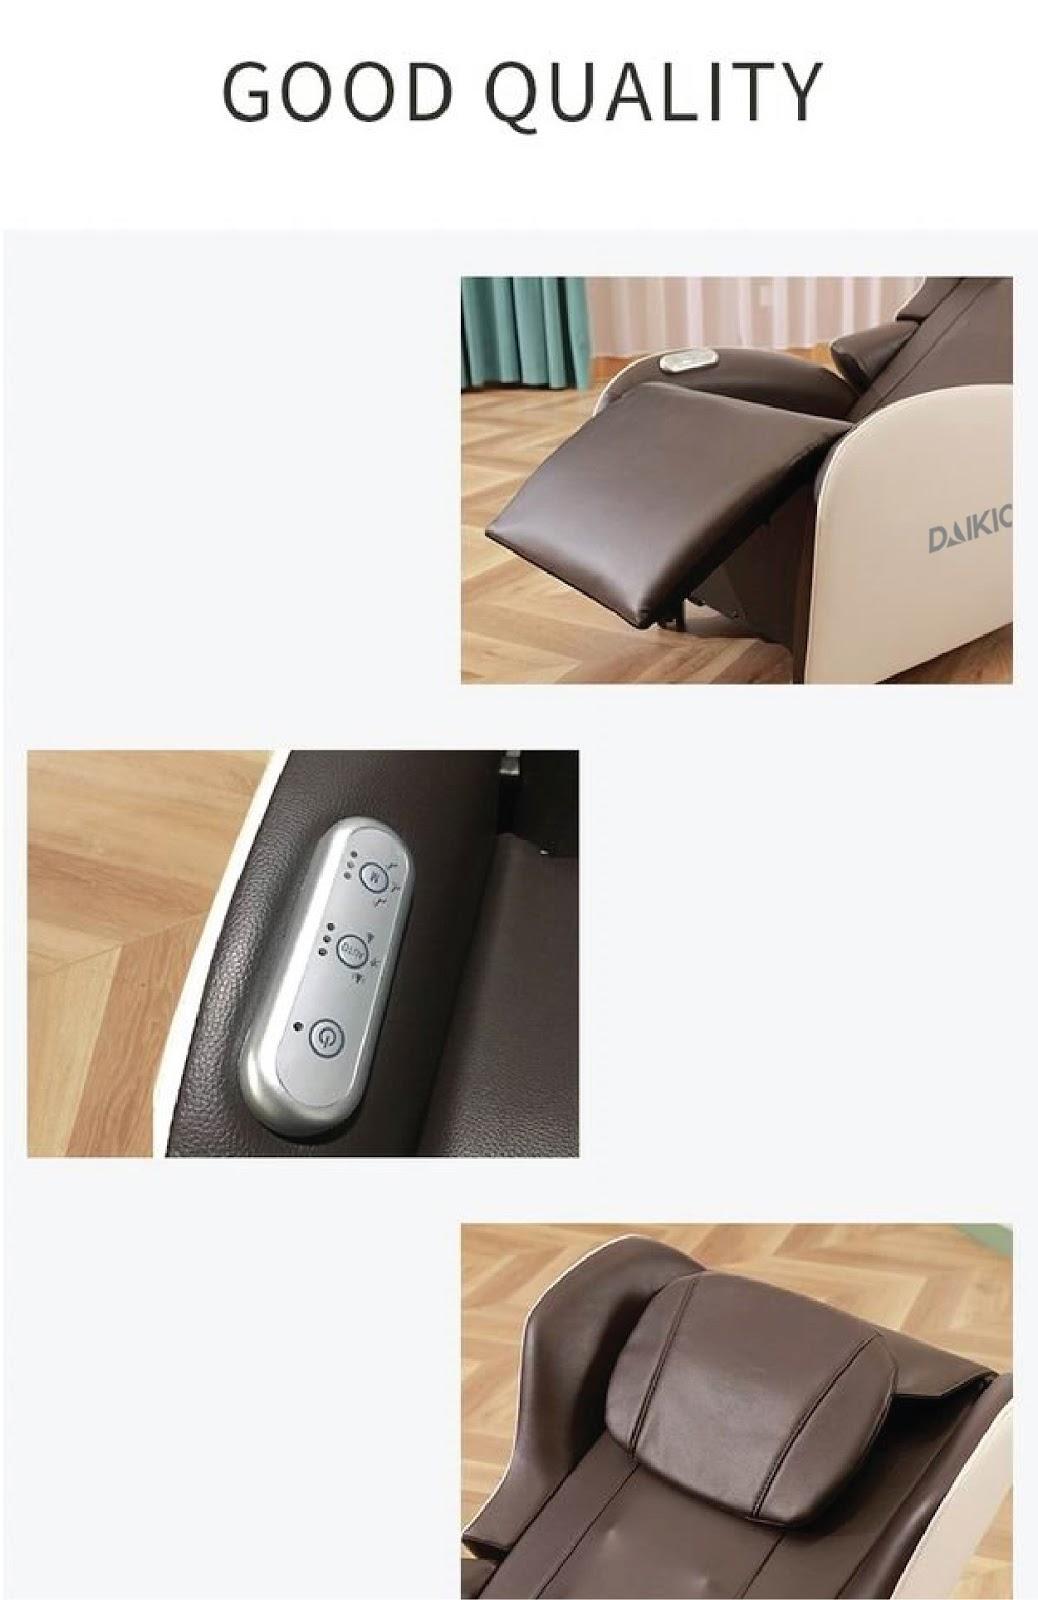 Thiết kế bảng điều khiển trên ghế massage lưng, dễ dàng sử dụng